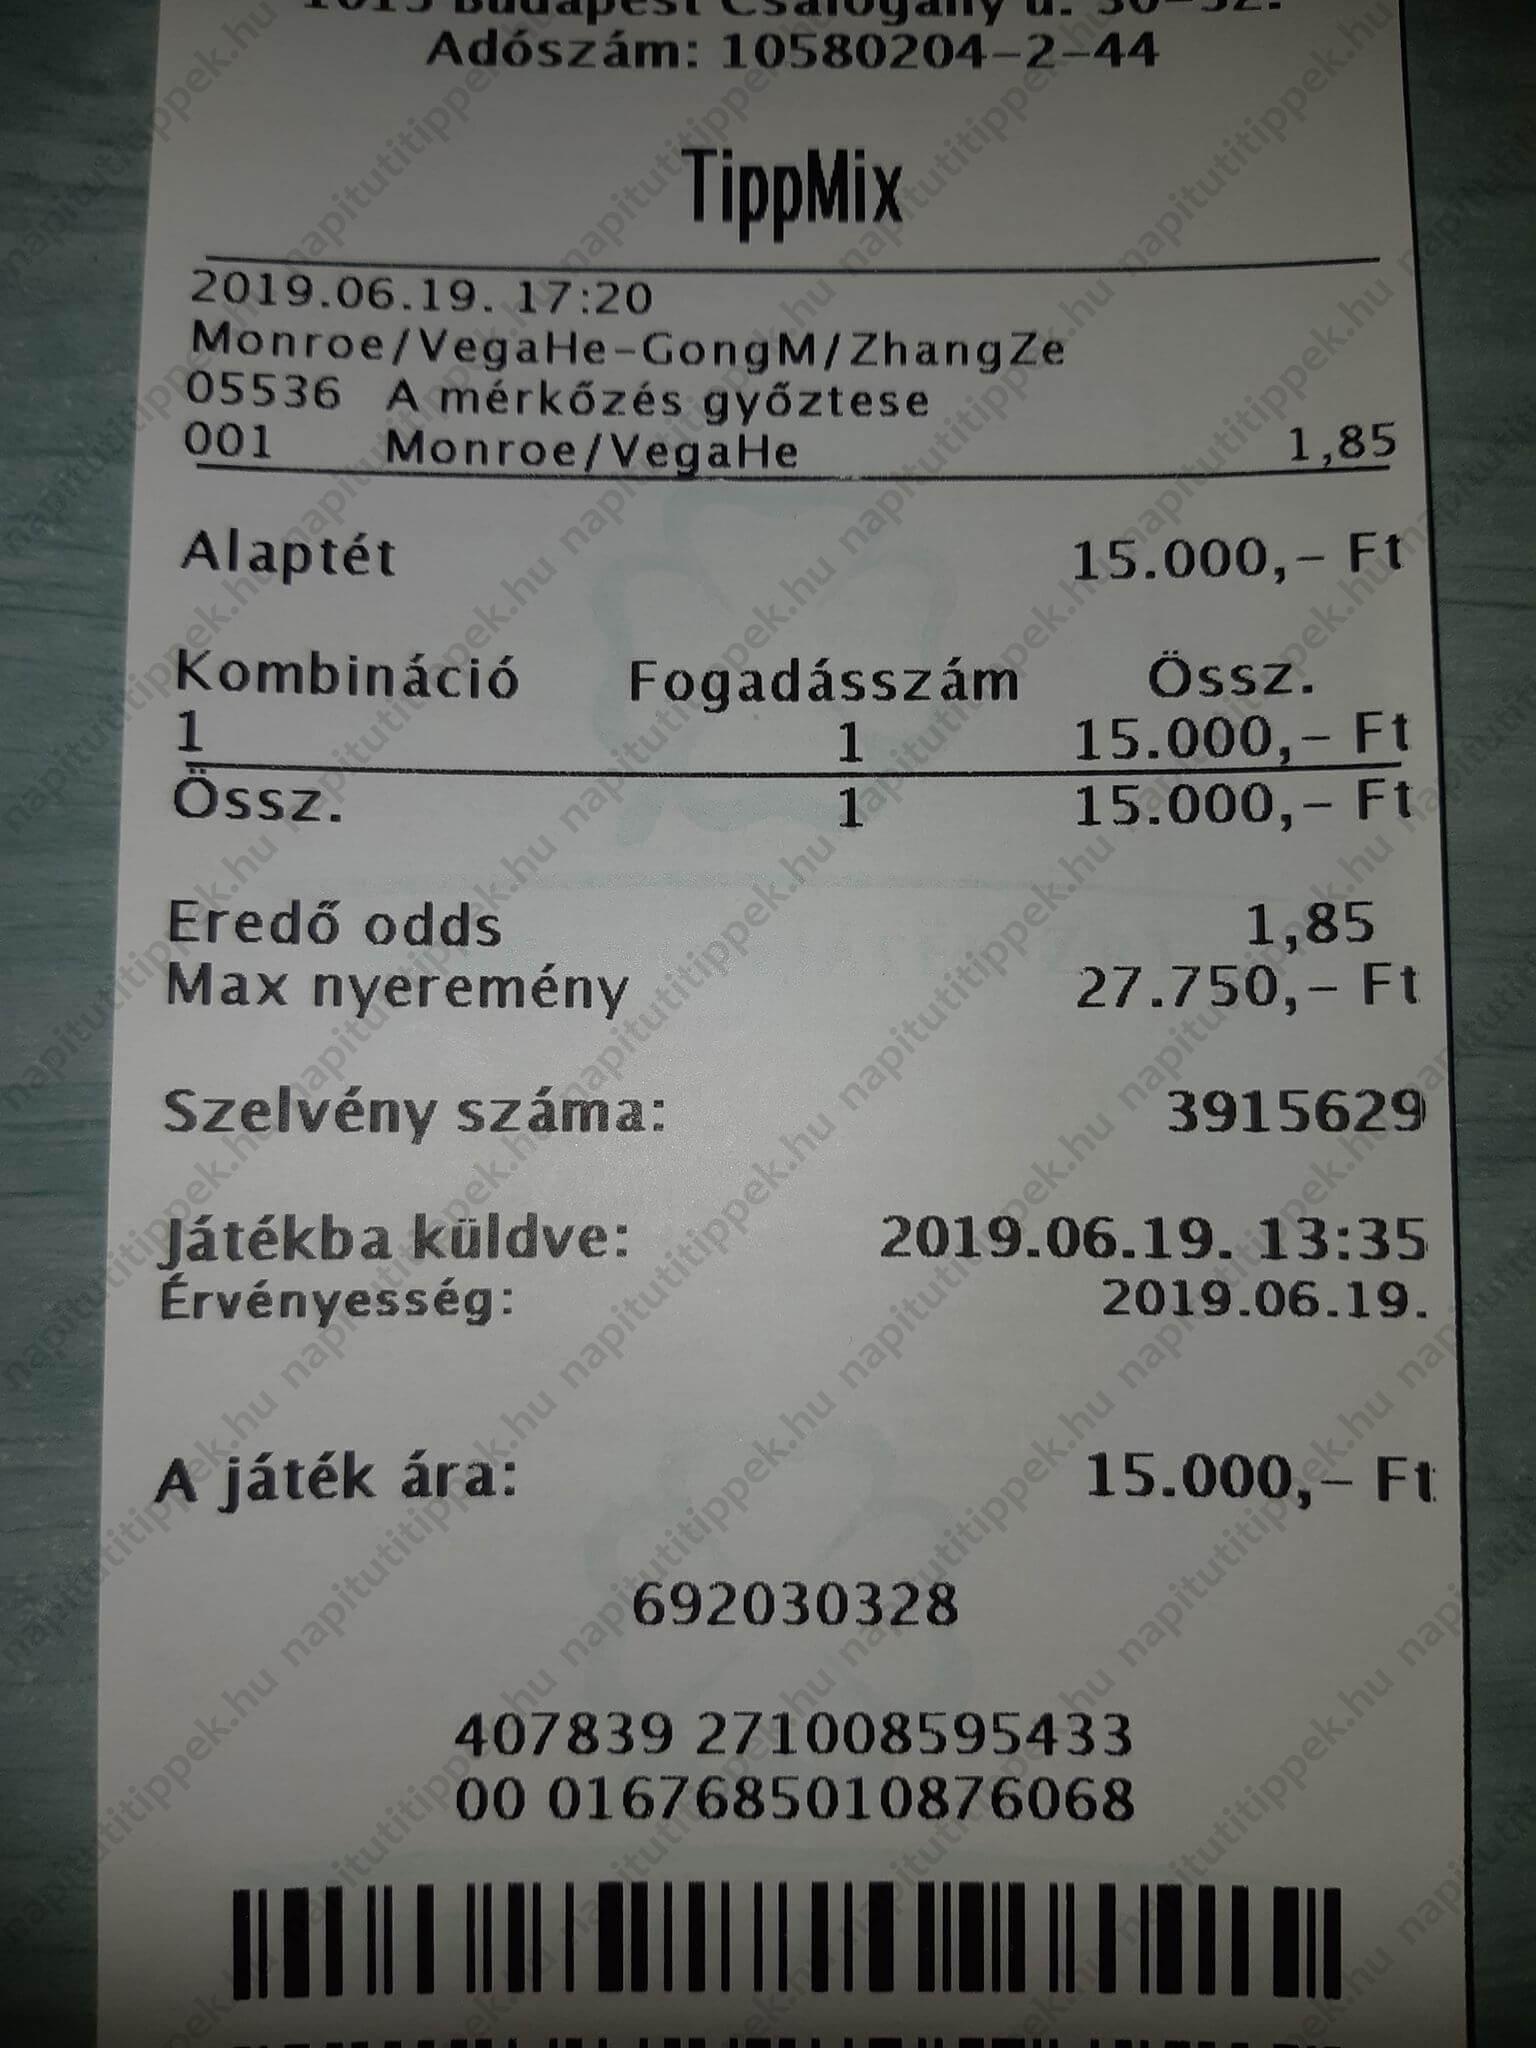 Kőkemény Tippmix tippek - Tippmix tippek Profiktól: Tippmix tippek, mérkőzés elemzések, statisztikai adatok. Napi ingyenes tippek. Csatlakozz Magyarország legsikeresebb sportfogadó csapatához!